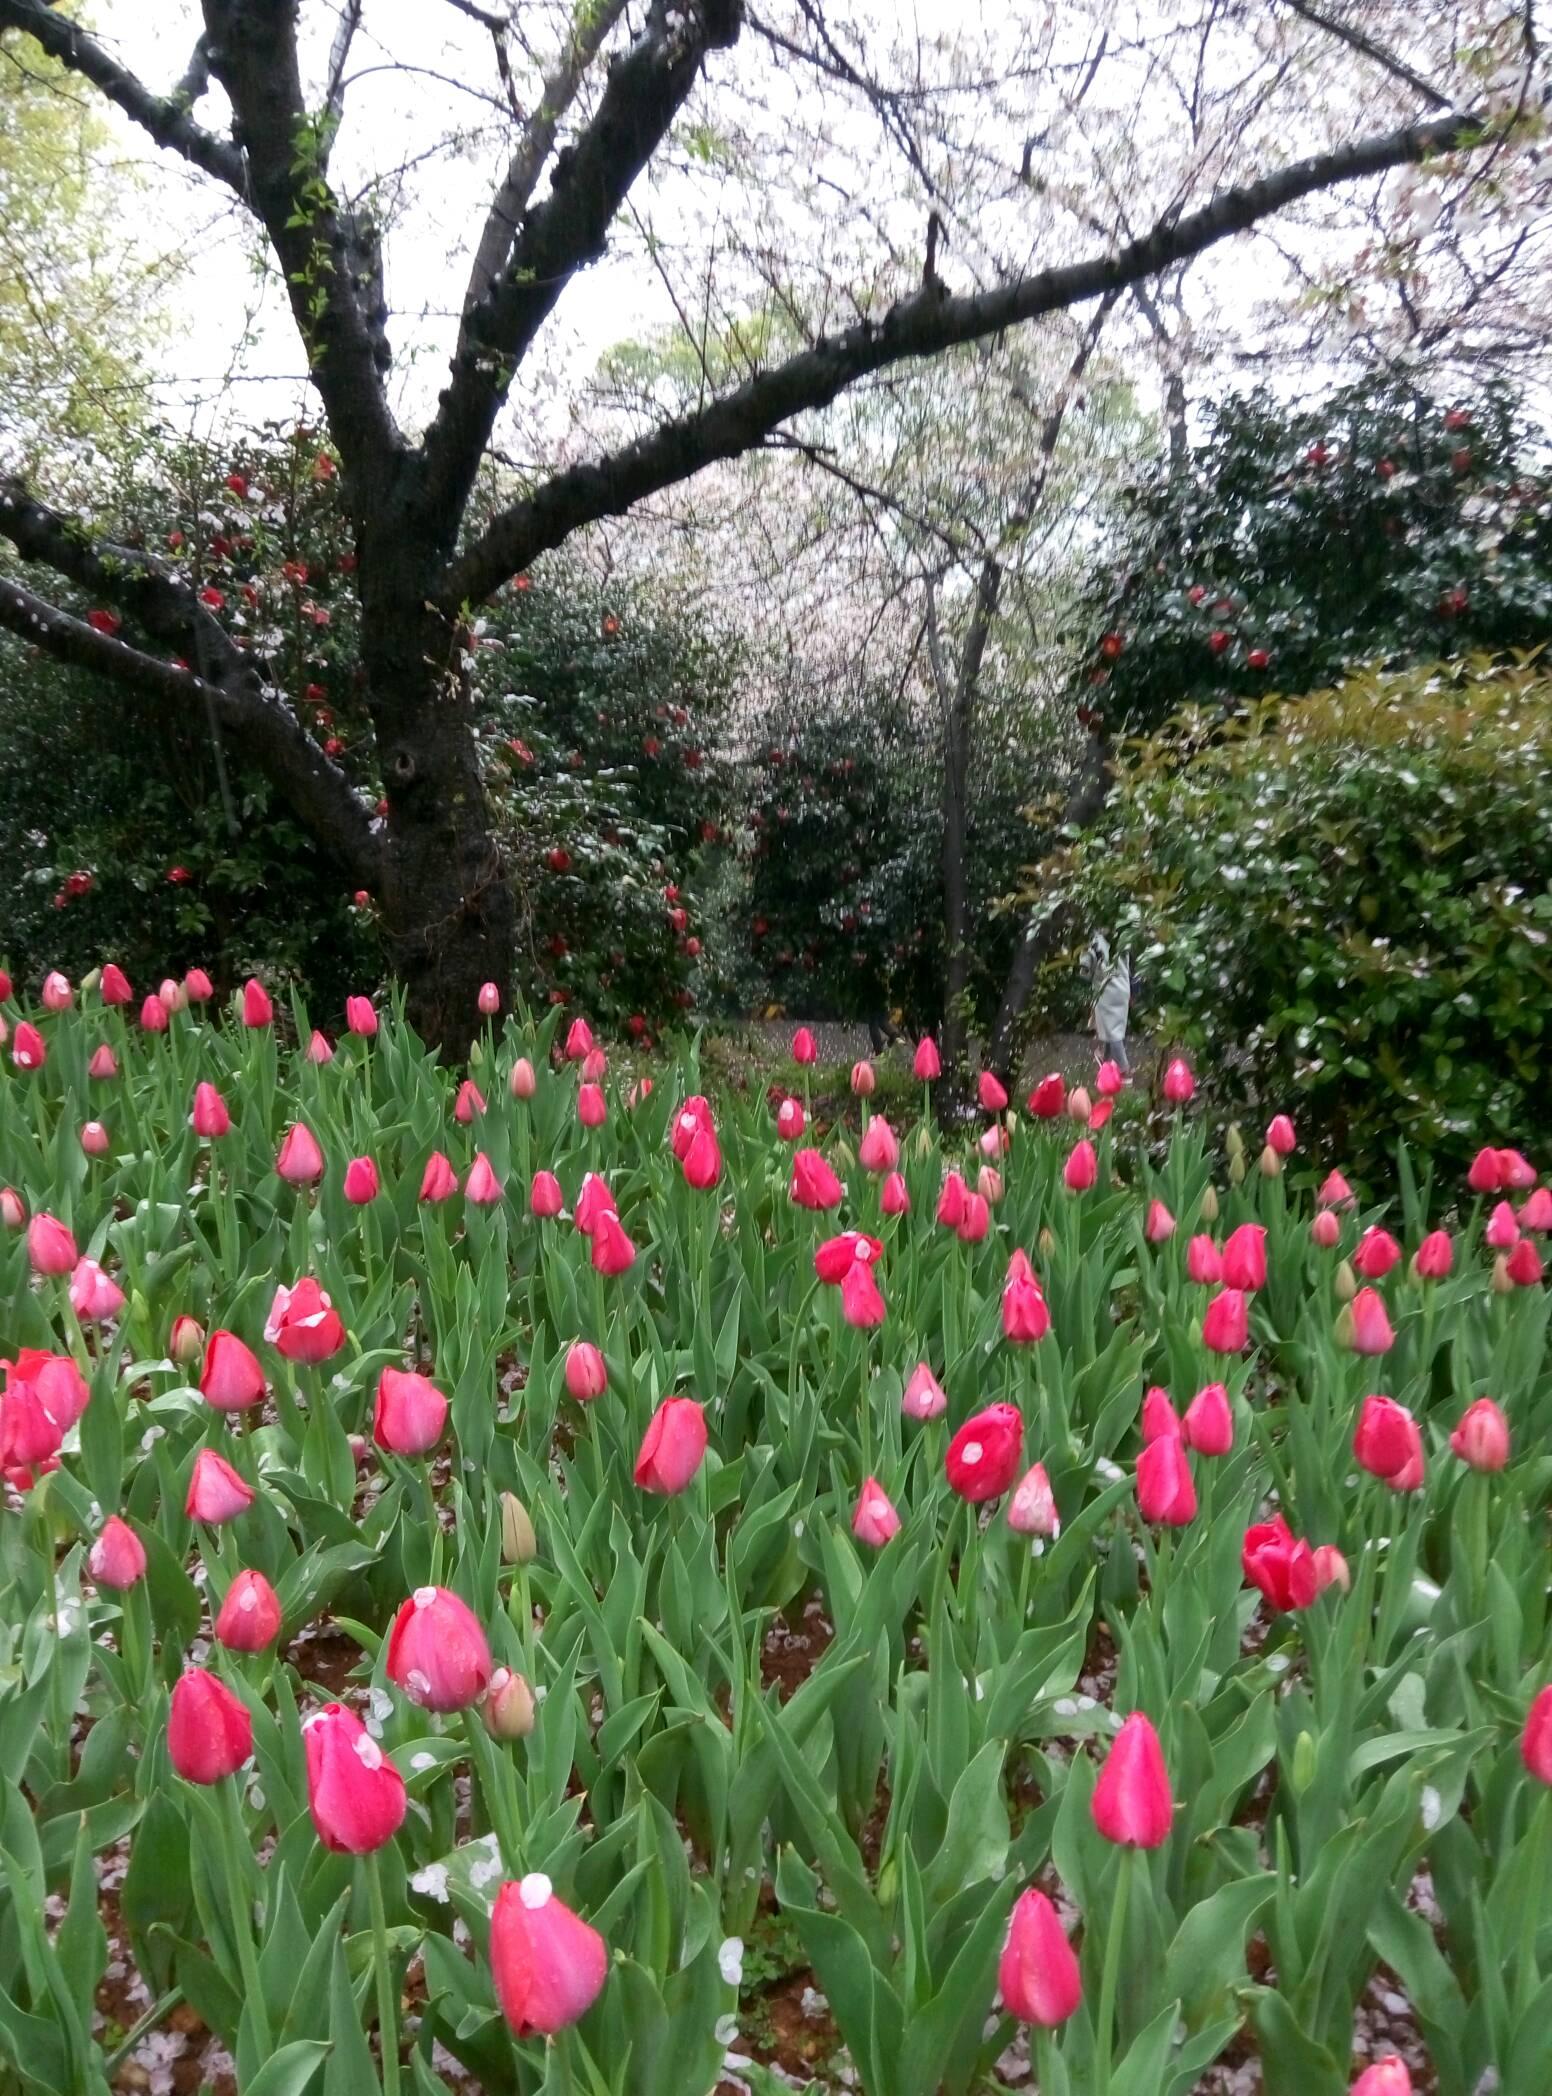 春天花儿开了,秋天谷子黄了,冬天雪花降了,长沙三季之